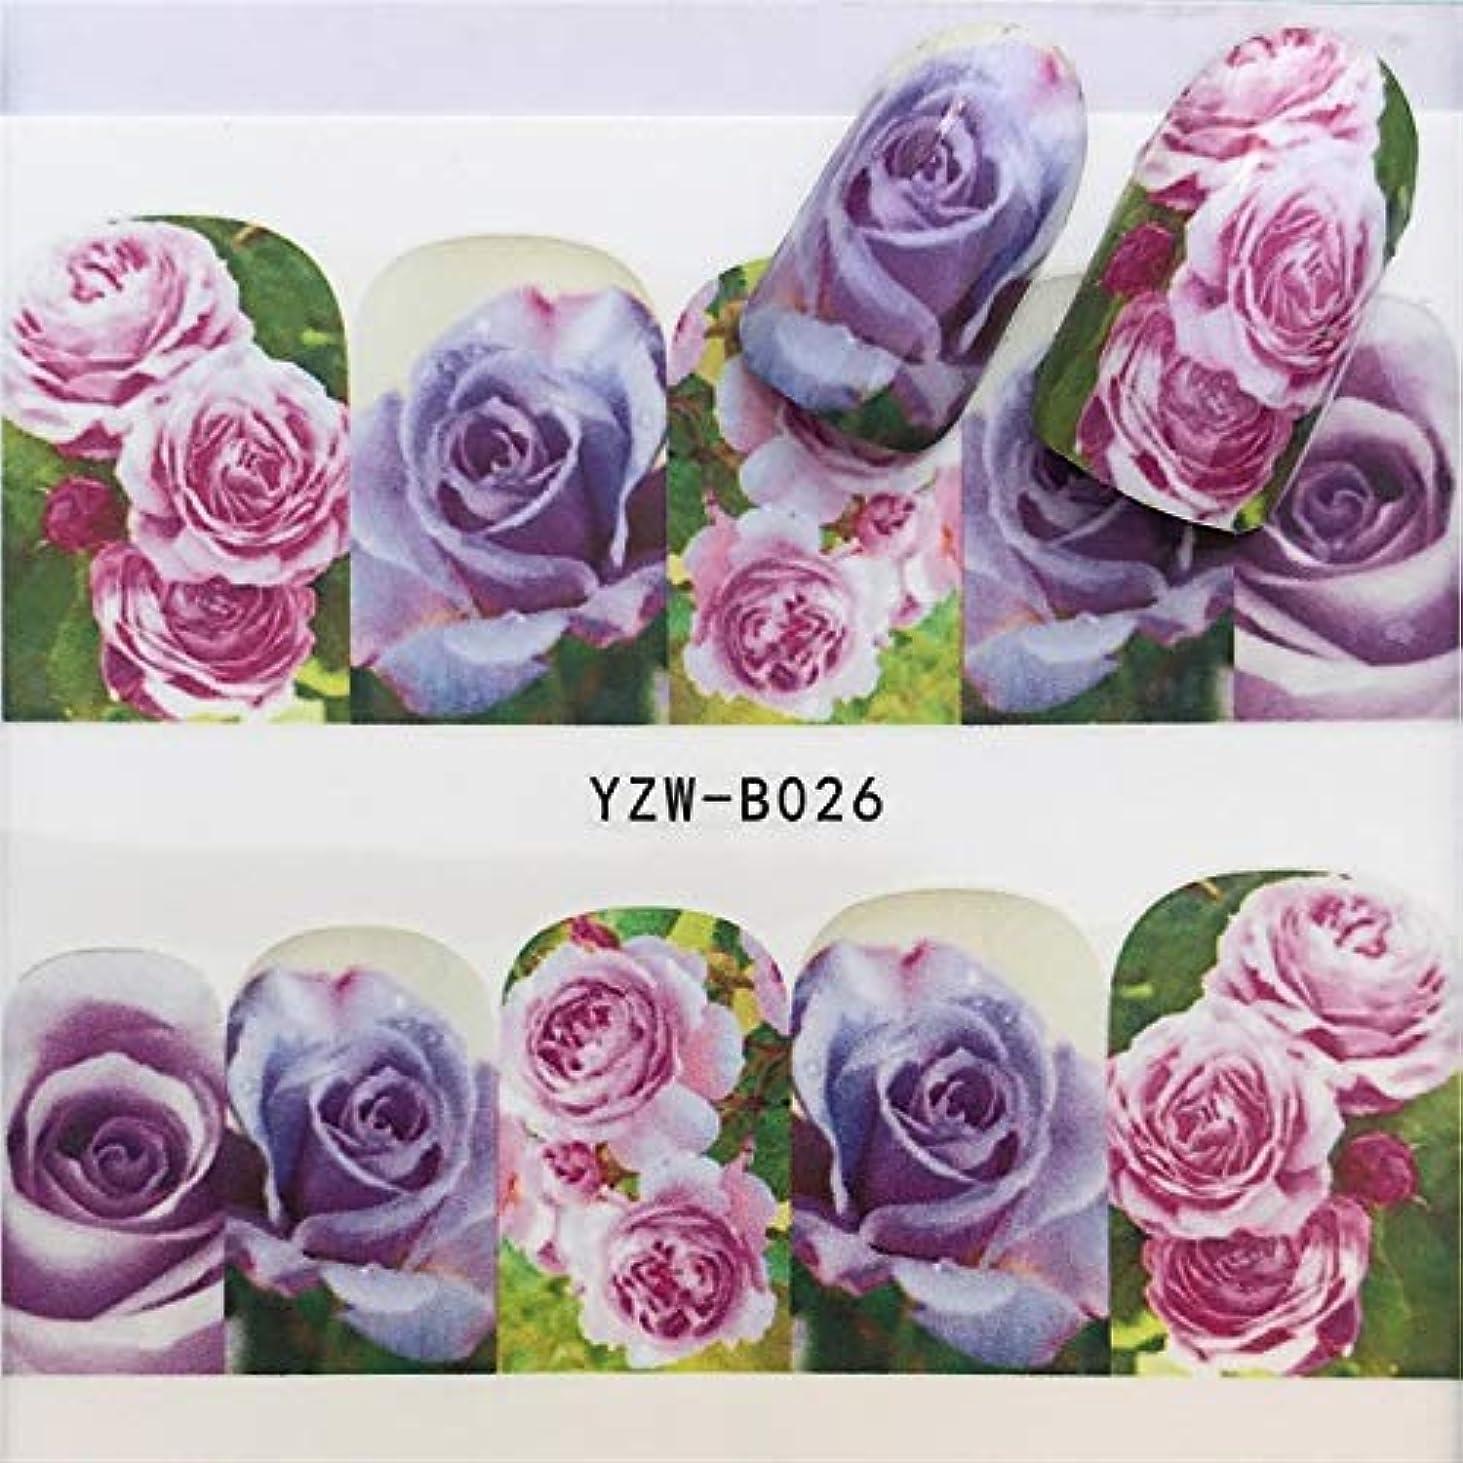 選挙ゆるい打ち上げるFlysea ネイルステッカー3 PCSネイルステッカーセットデカール水スライダーネイルズアート装飾、色転送:YZWB026を